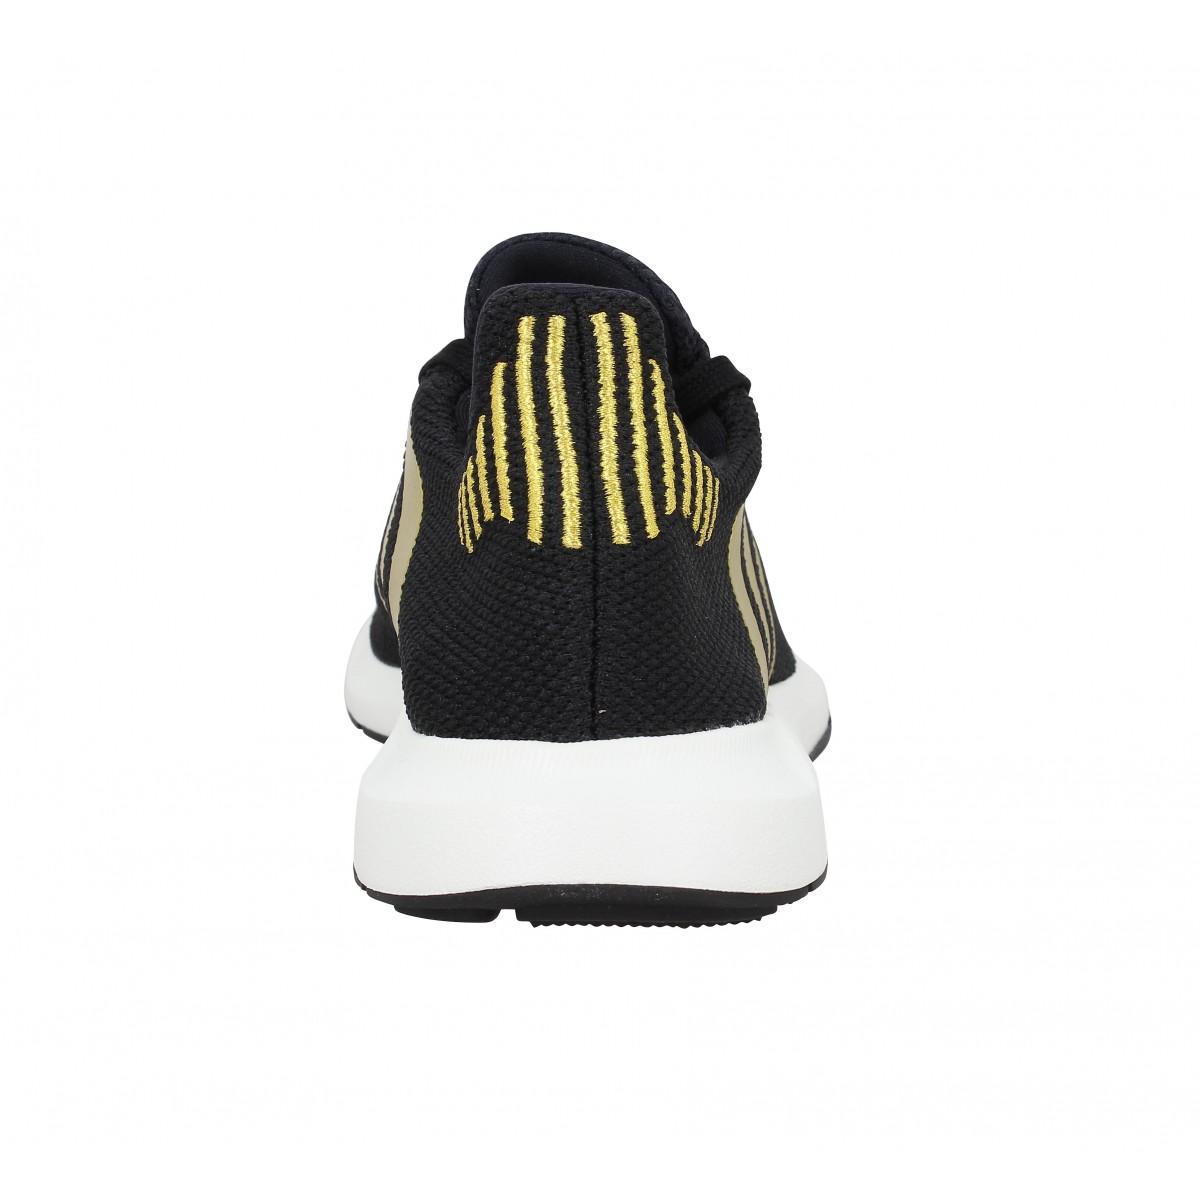 Chaussures Adidas swift run toile femme noir femme | Fanny